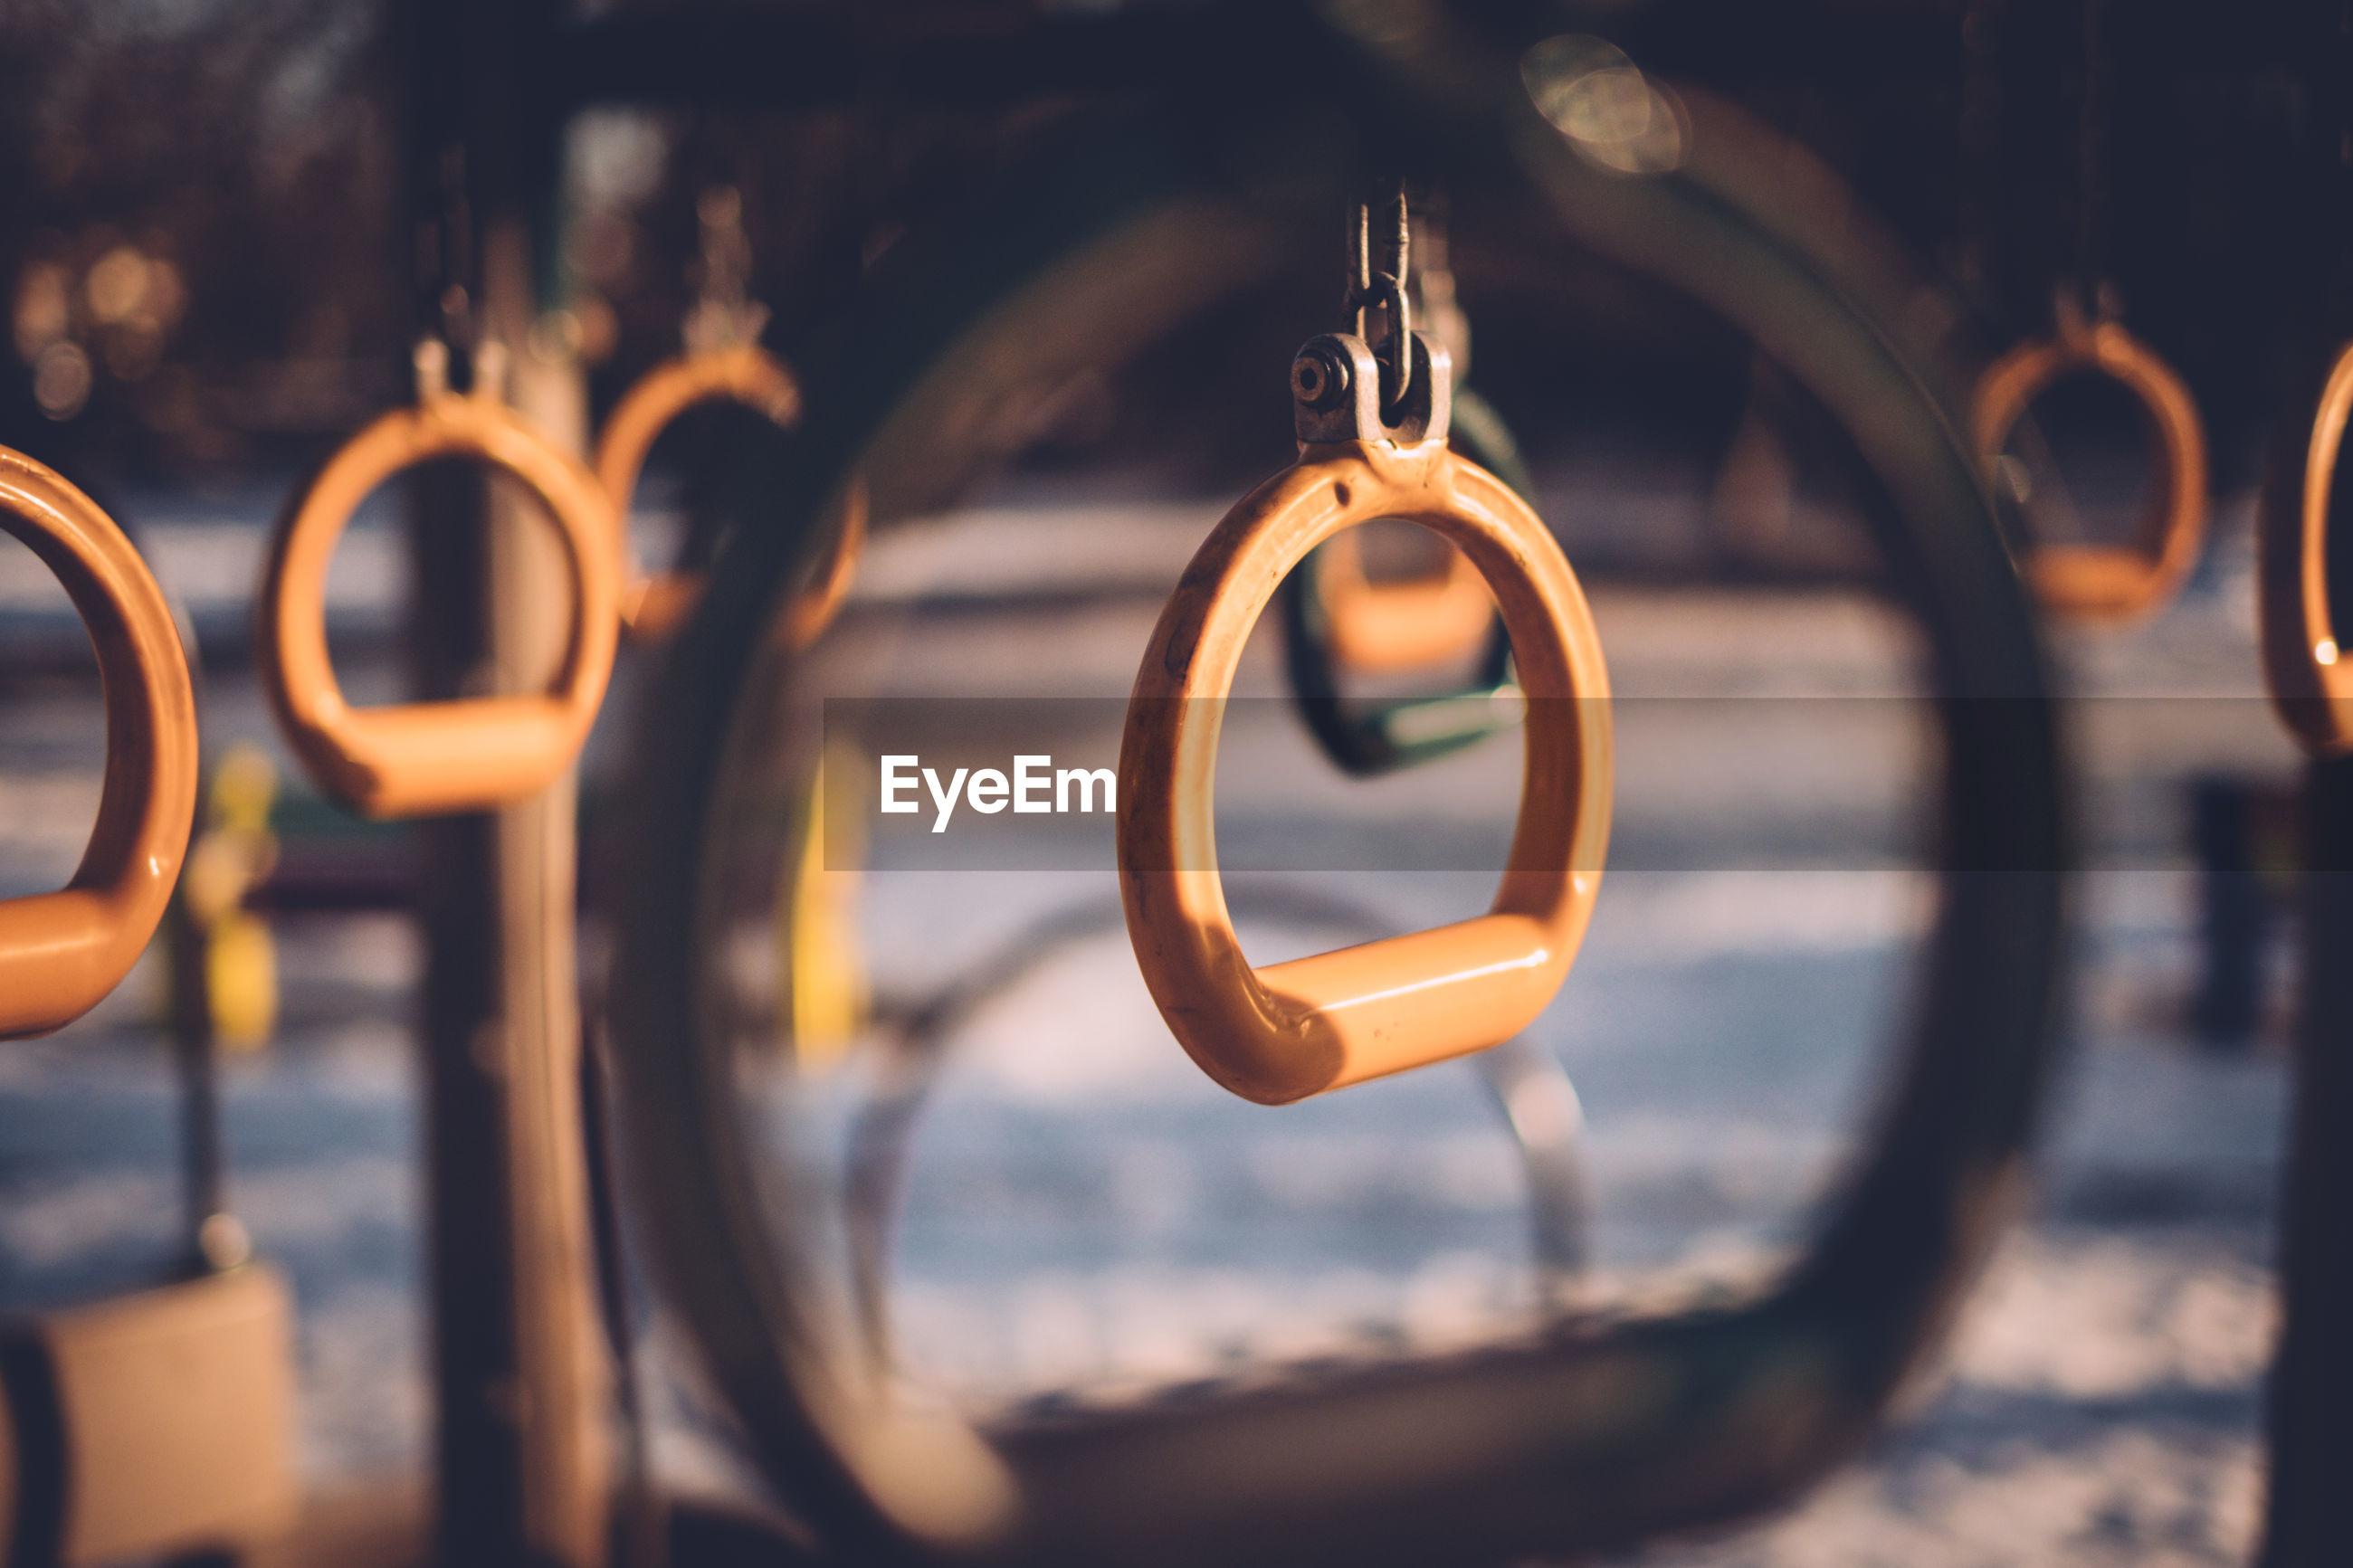 Metallic rings hanging in playground during winter